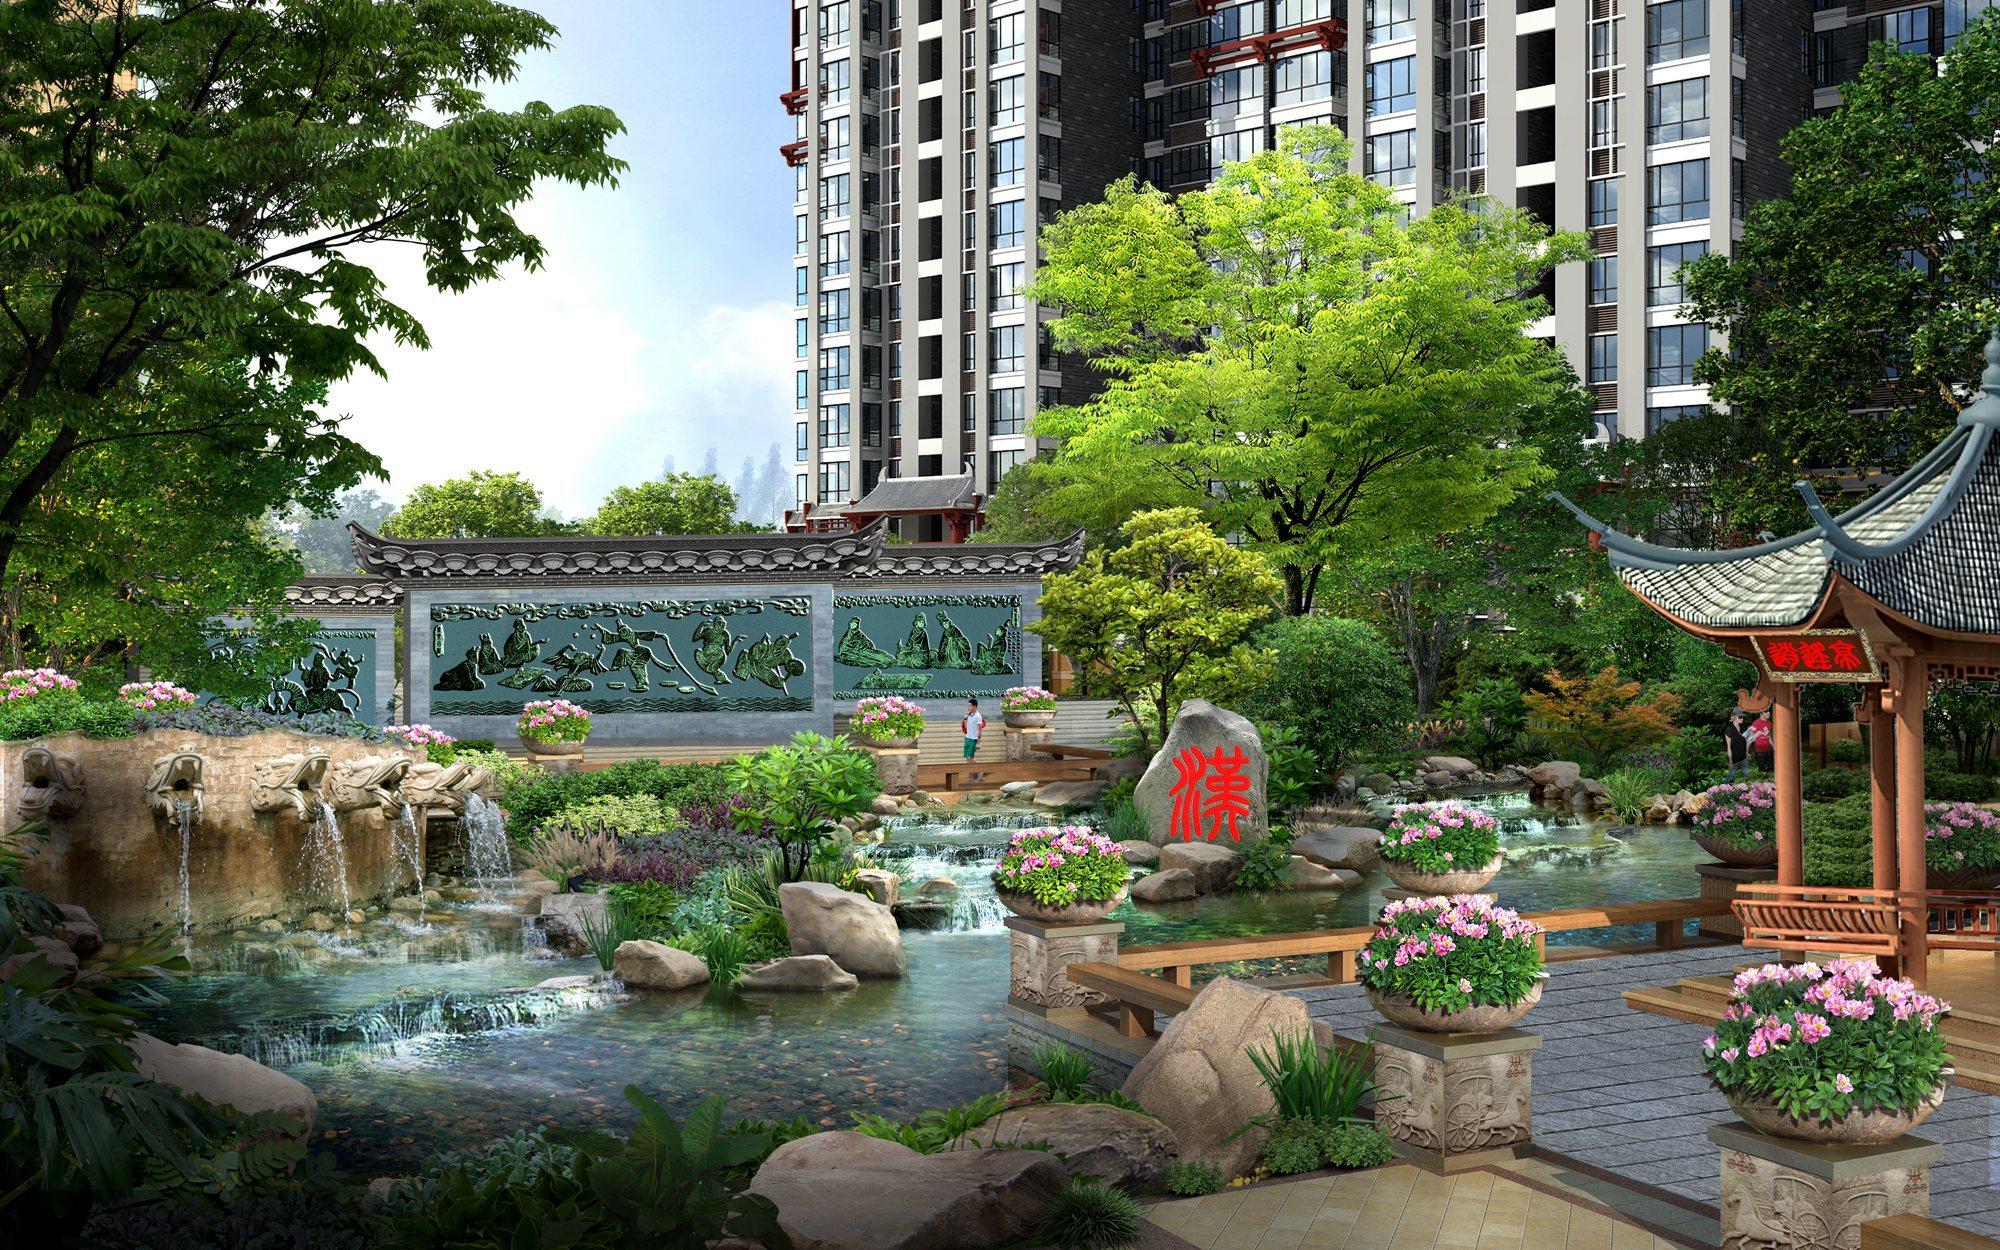 28宿情景雕塑,冶铁水排, 再现汉皇盛世; 汉风韵,中式古典皇家园林,尽图片